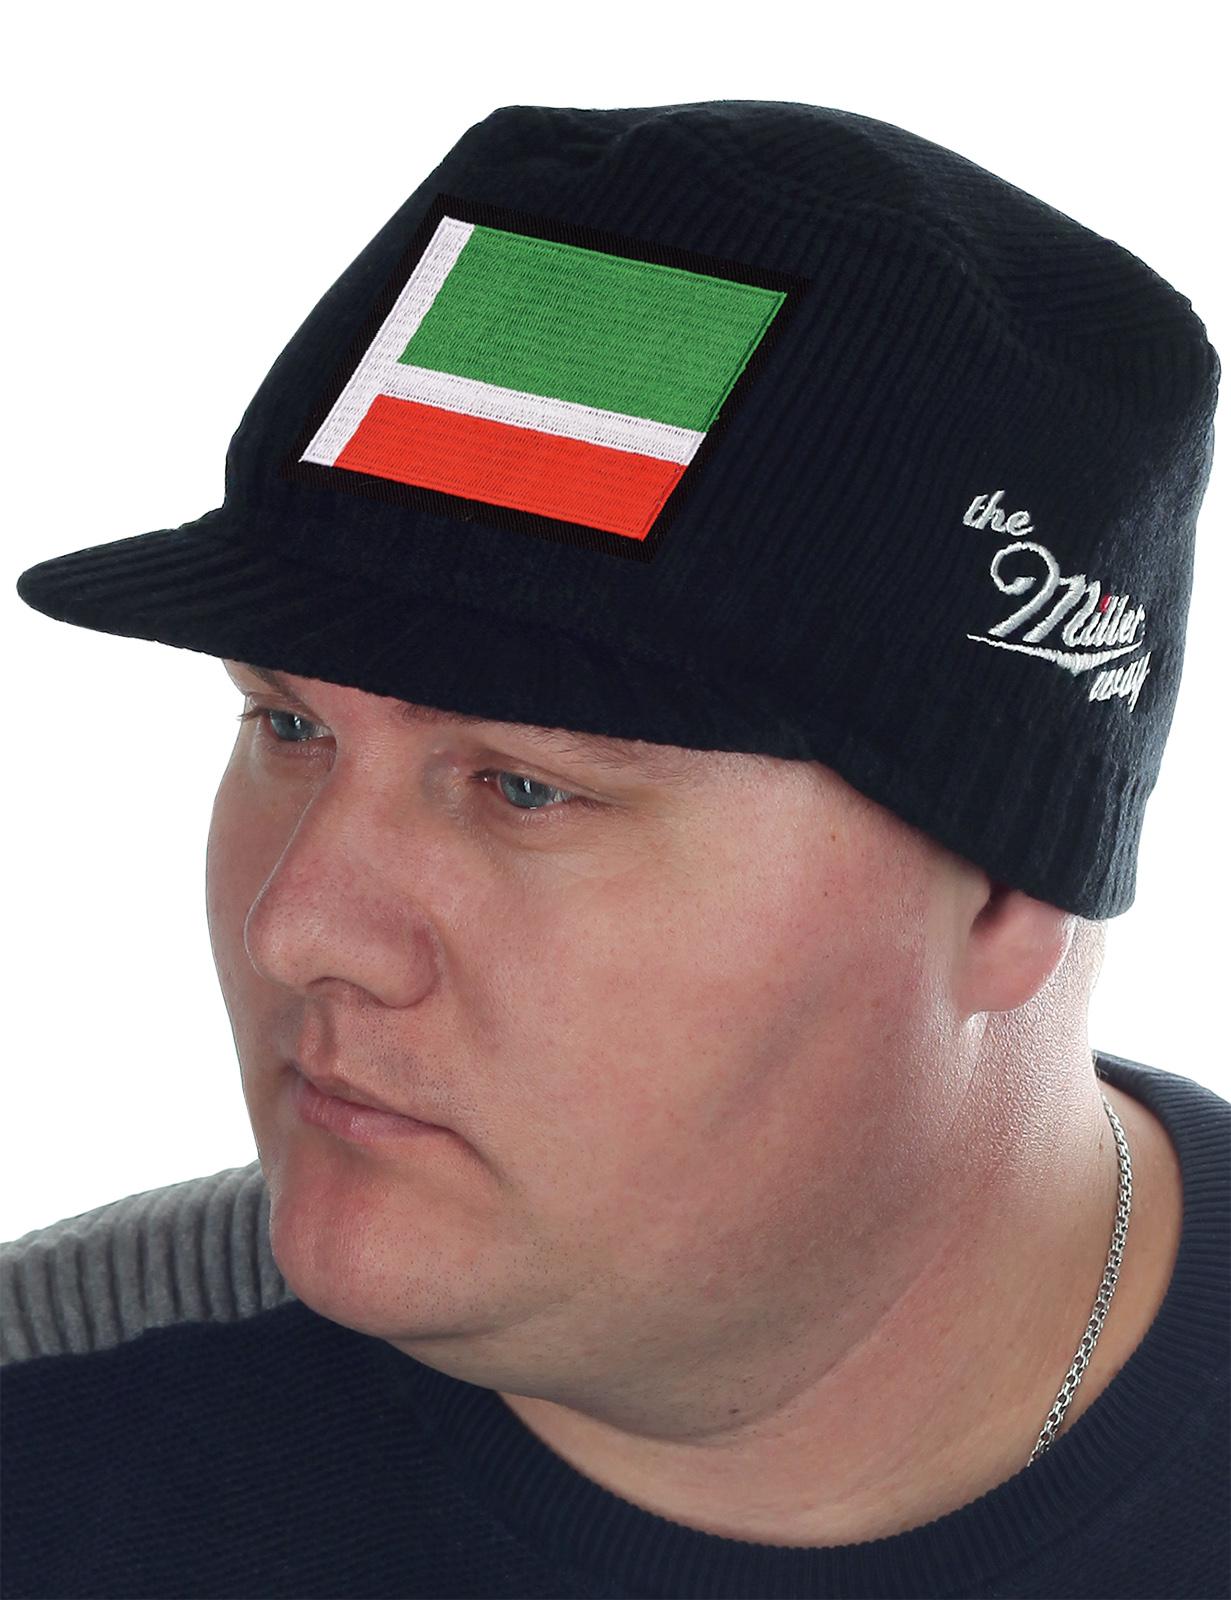 Брендовая мужская шапка Miller Way 2 в 1: защищает от холода и хорошо сидит. Линейка «Республиканские флаги России – Чечня». Модель закрывает лоб, уши, затылок – тепло и удобно